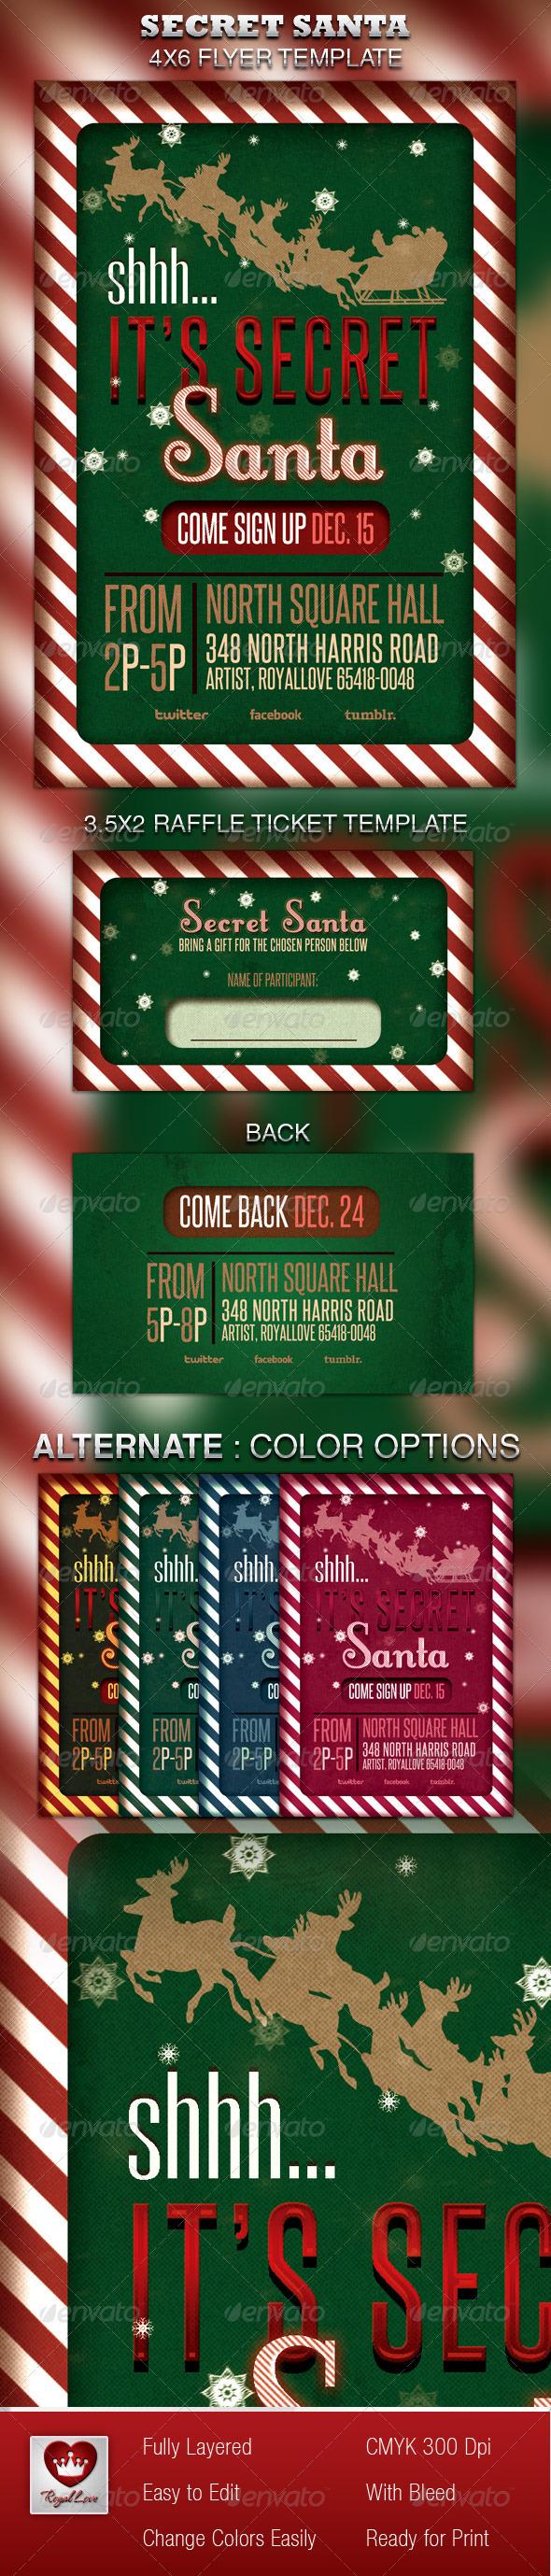 Secret Santa Flyer & Raffle Ticket - Holidays Events